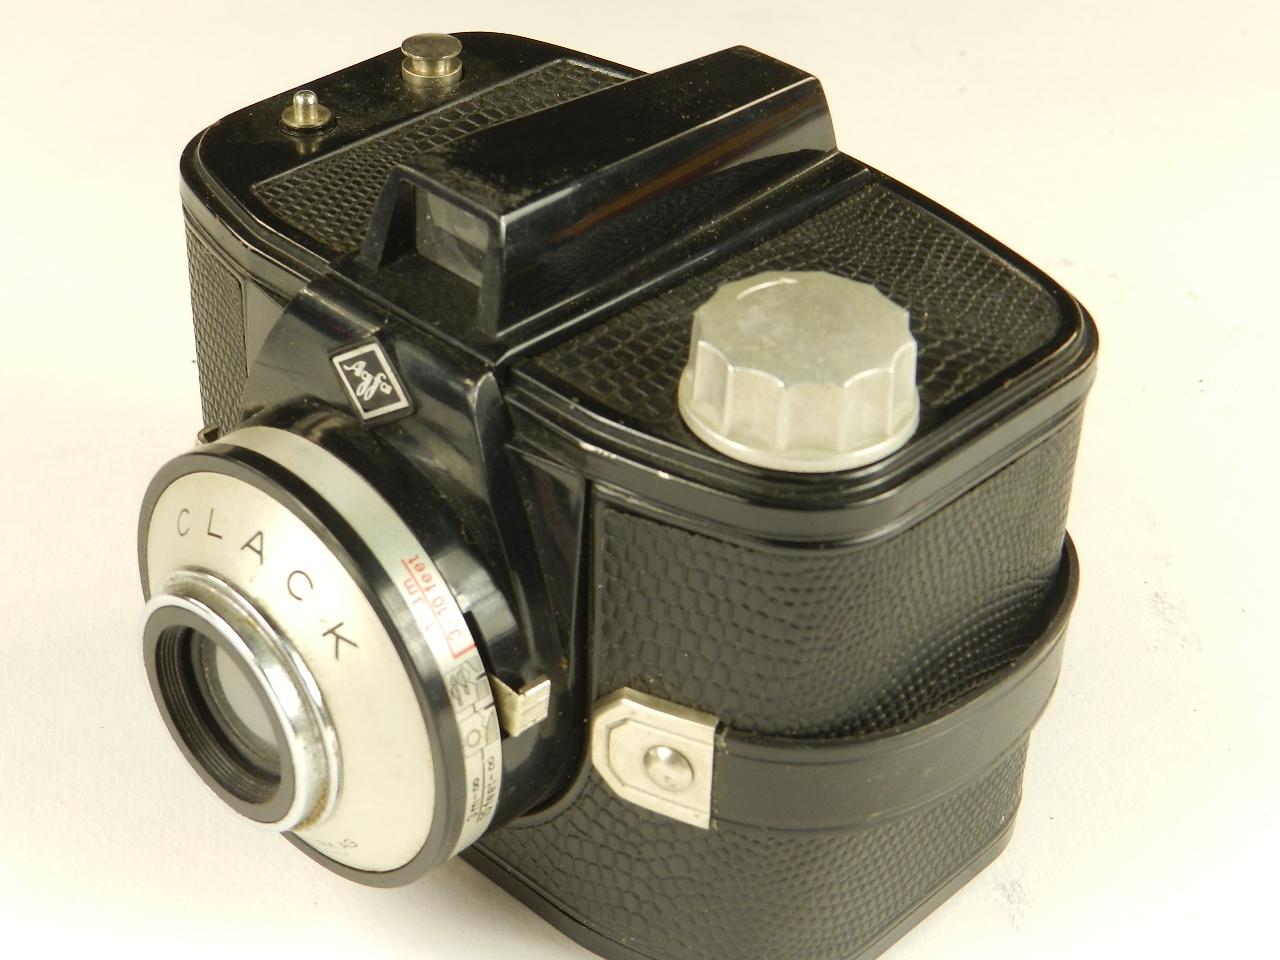 Imagen AGFA CLACK 1953 26660